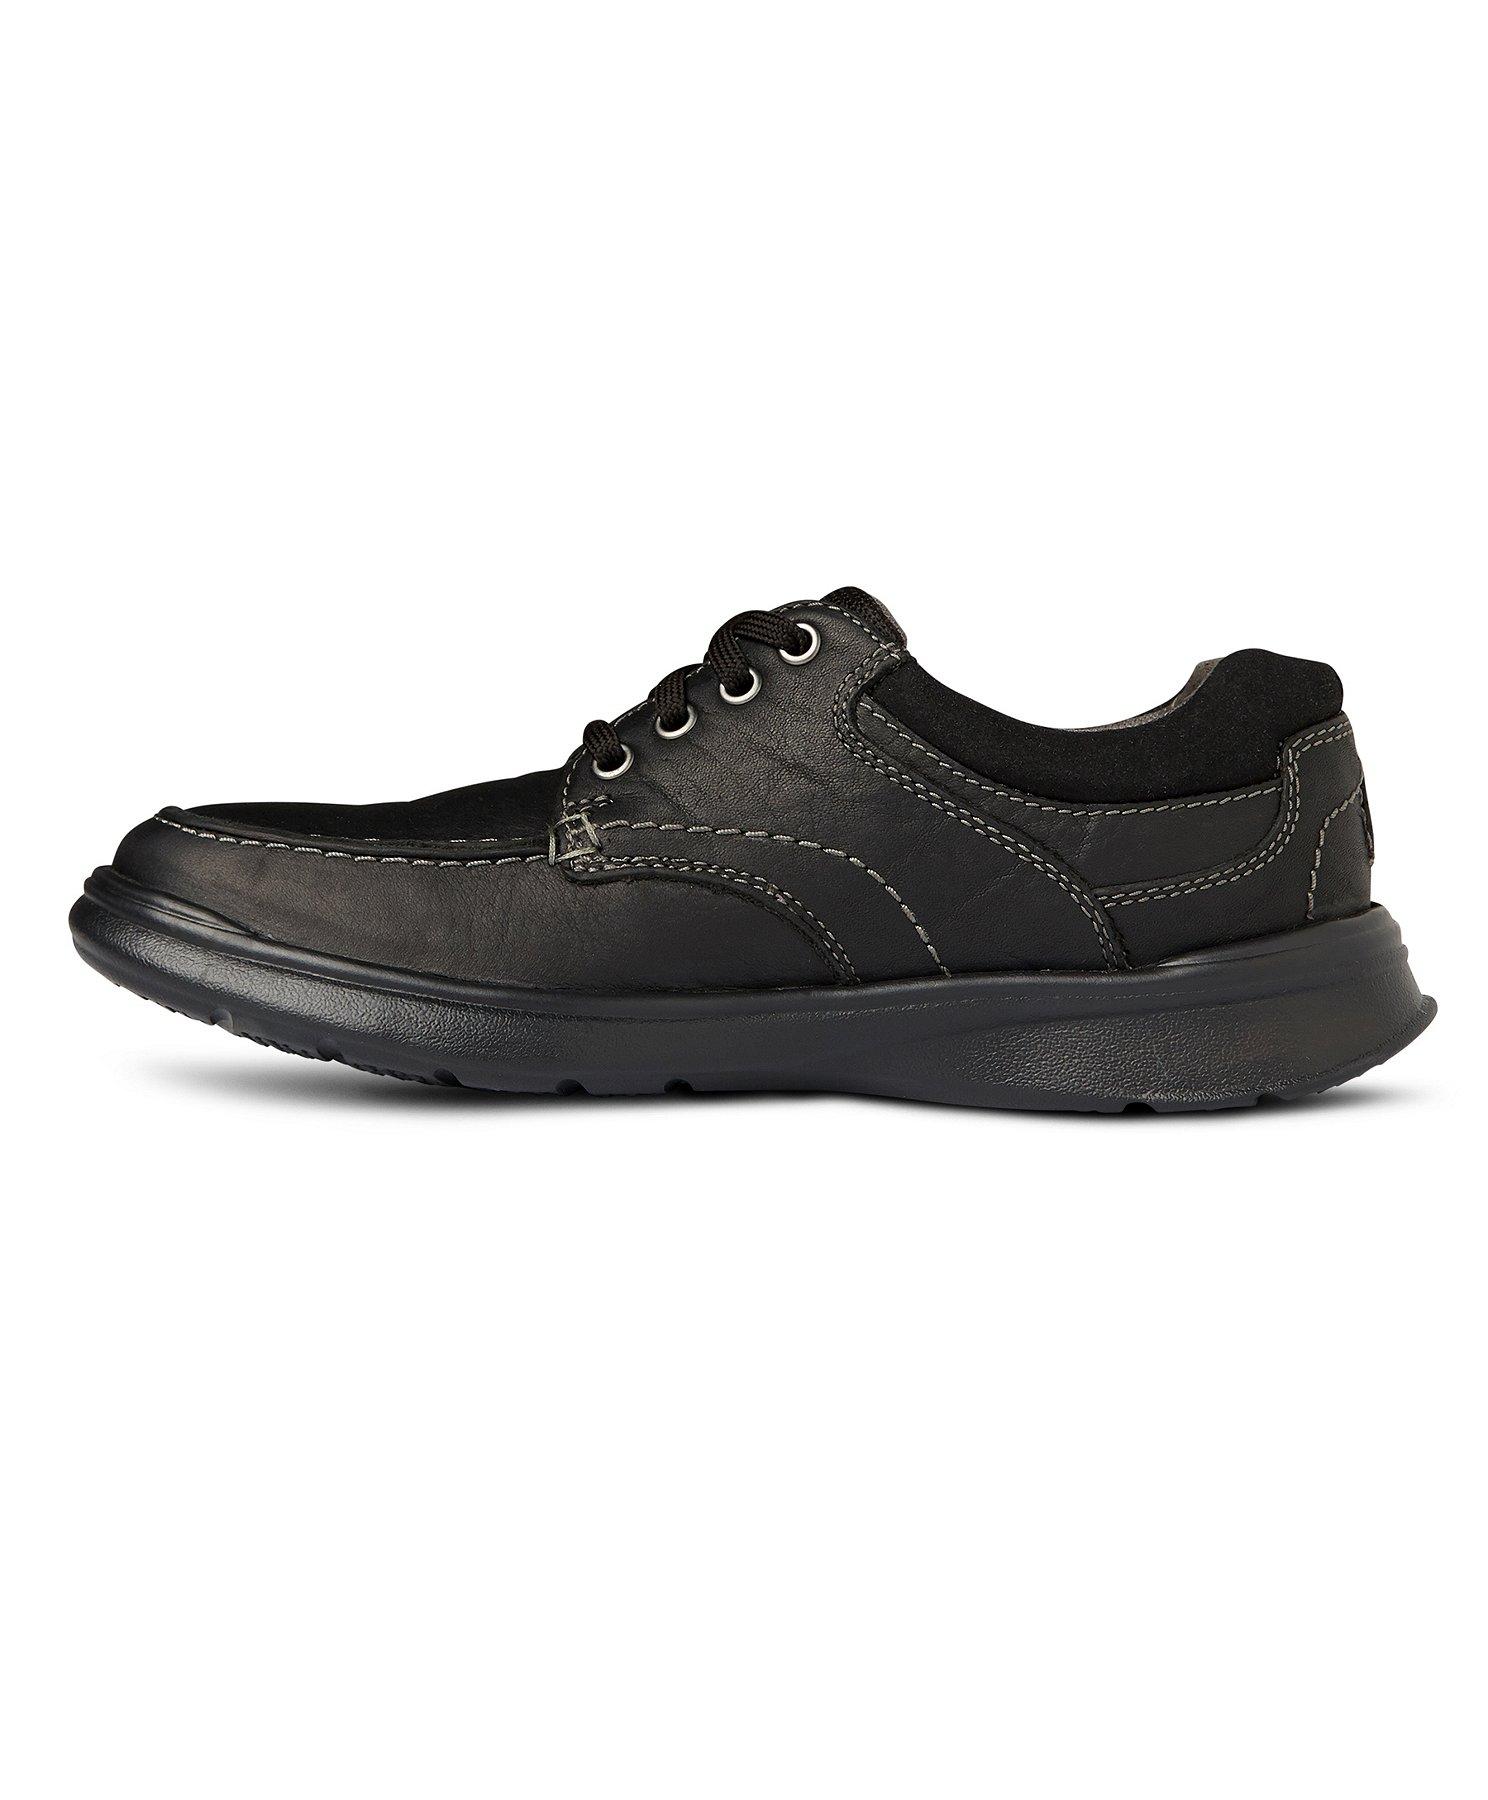 Clarks Men/'s   Cotrell Edge Lace Up Shoe